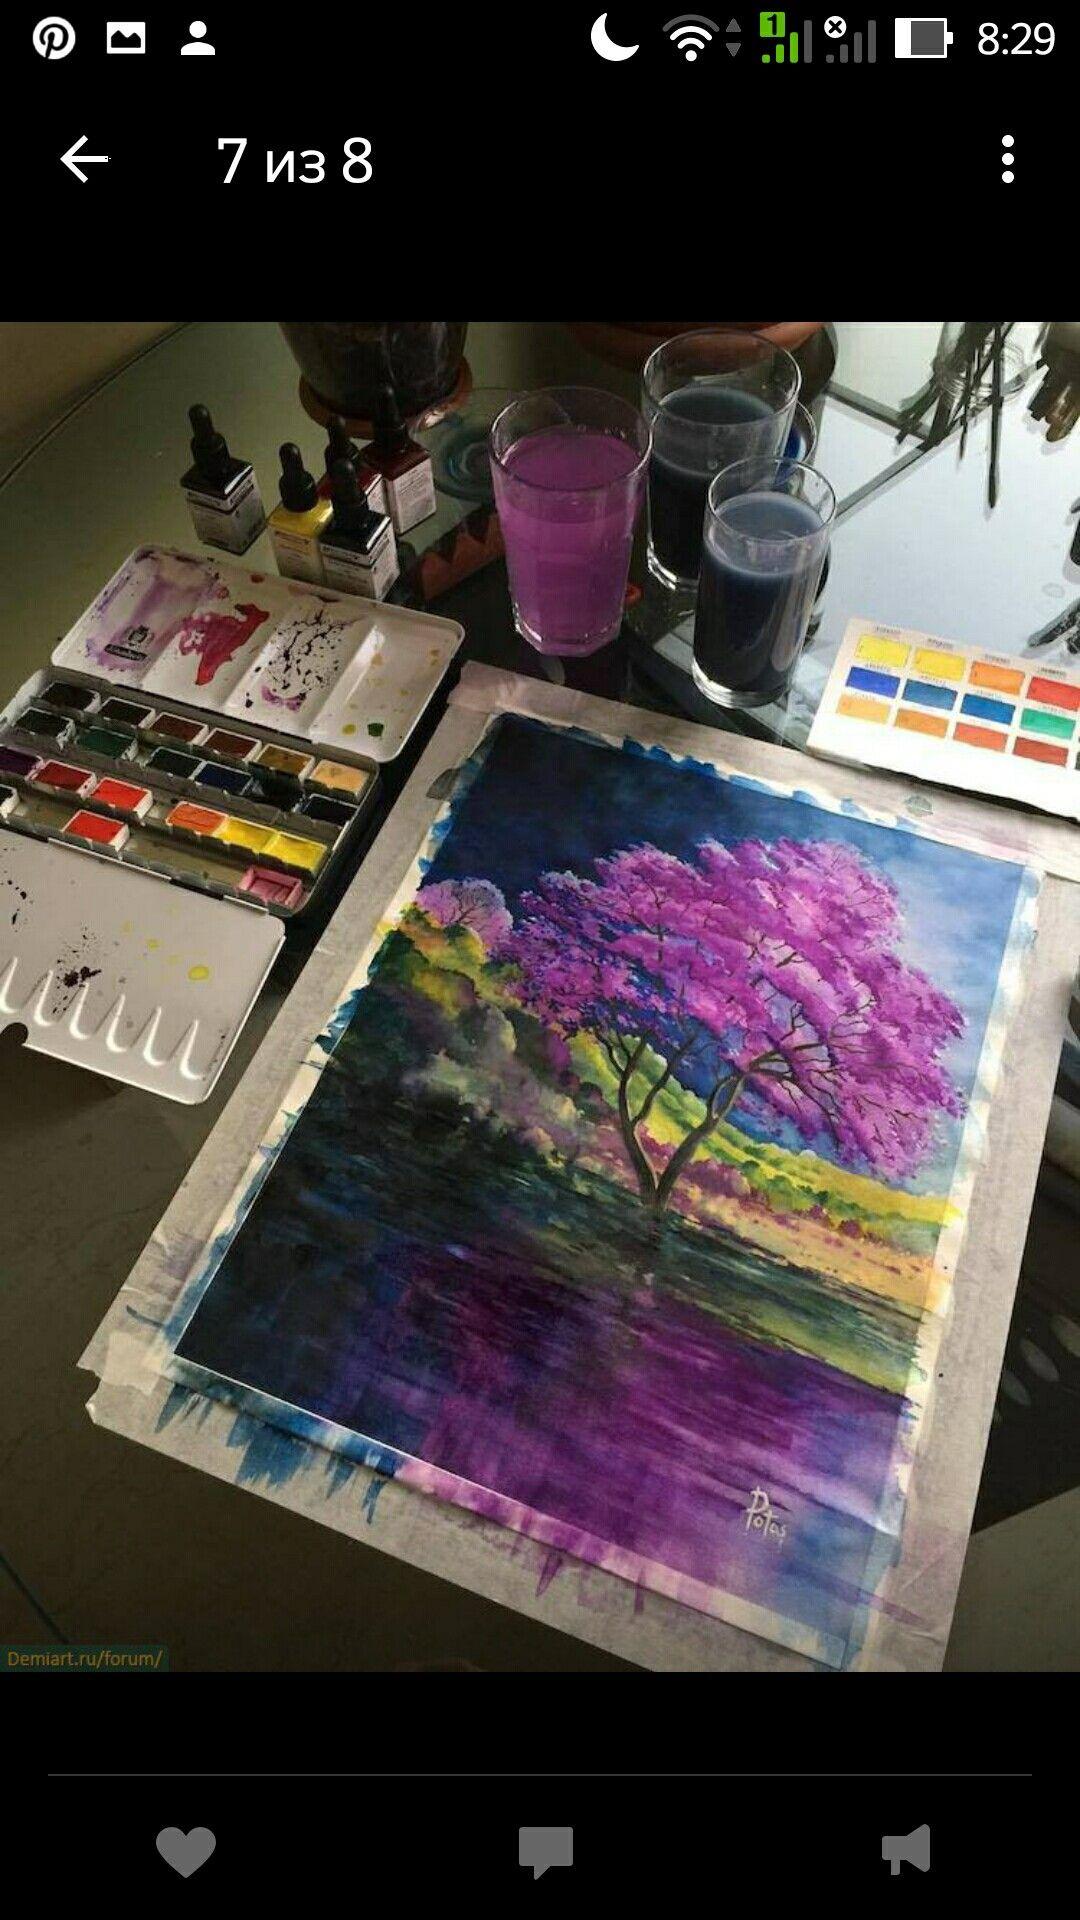 Disegno E Pittura Forum.Pin Di Neid Bsi Su Watercolor Nel 2019 Acquerello Pittura Ad